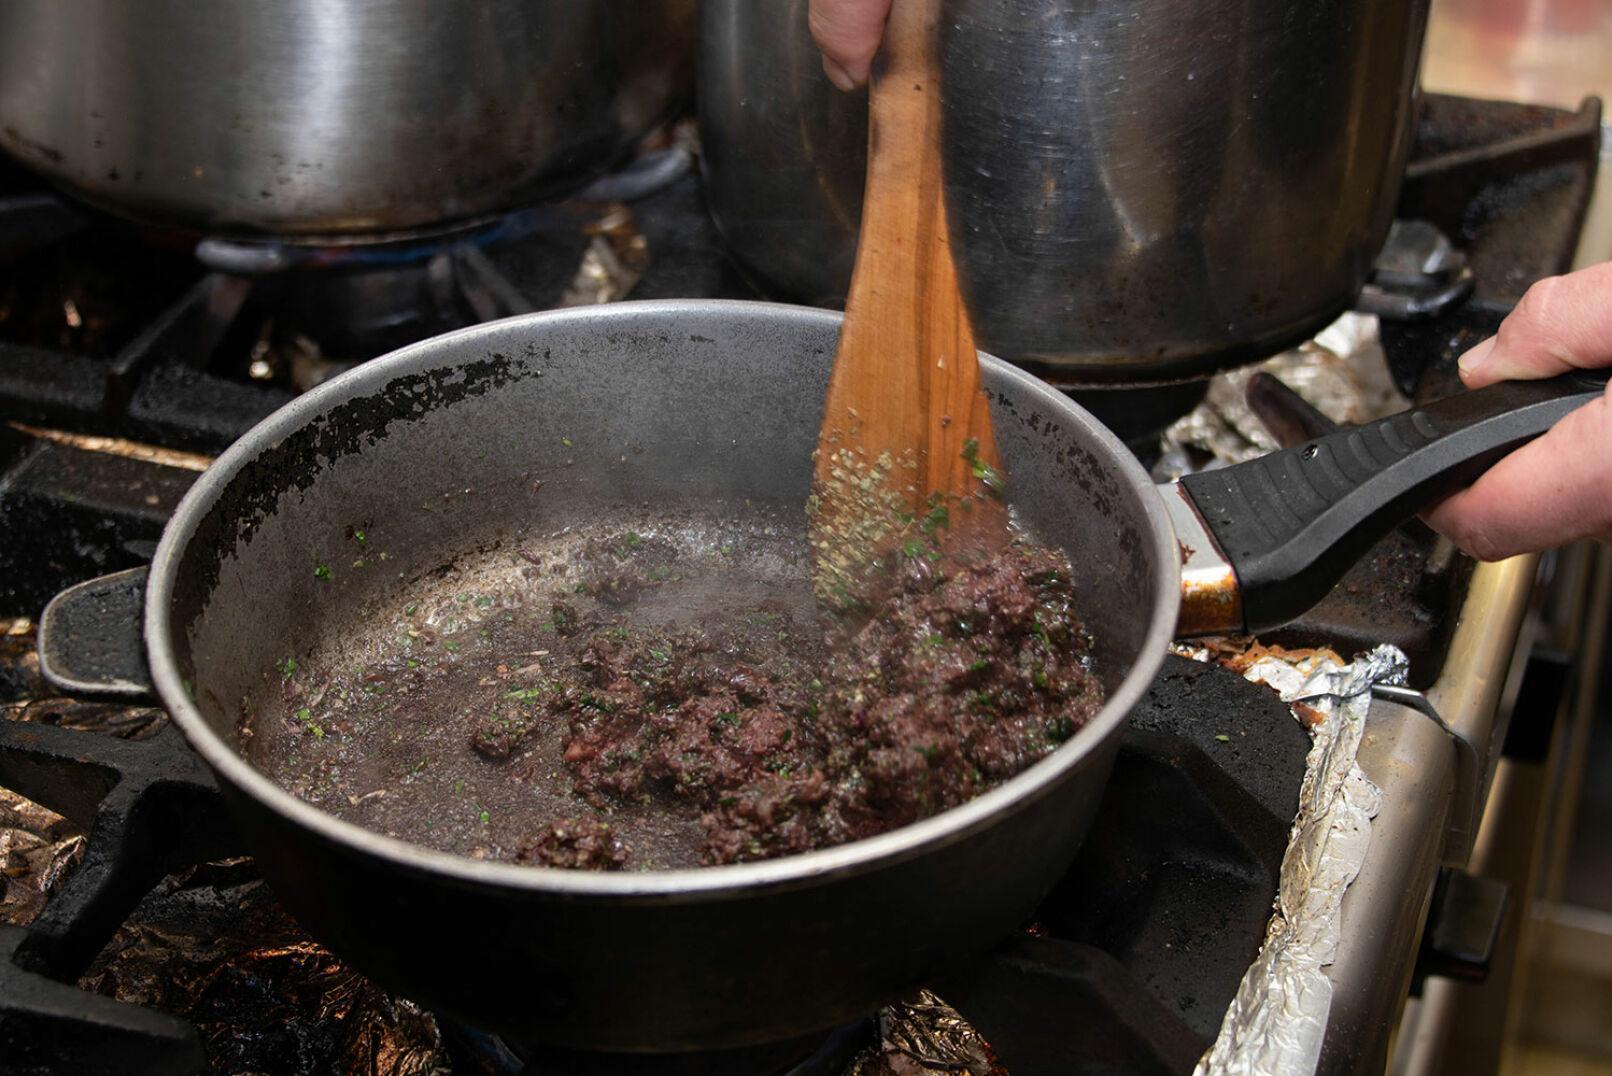 ... und mit Petersilie kurz anbraten. Alles schwenken, Gewürze beimengen und die Fülle abschmecken. - © Barbara Marko